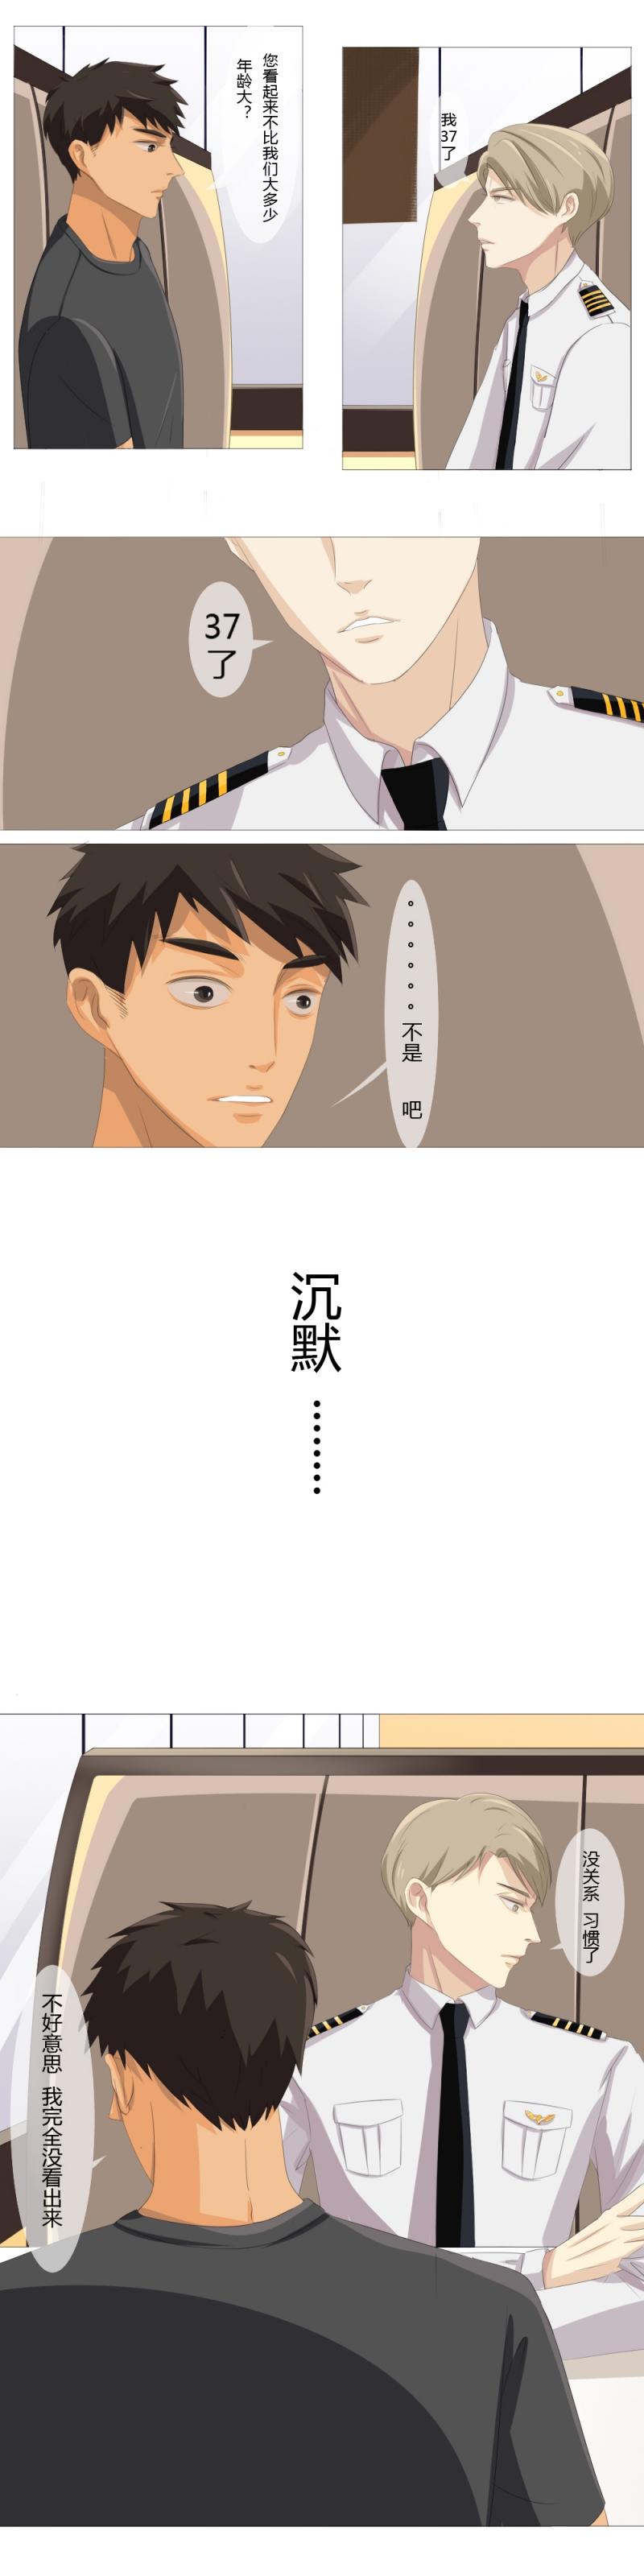 青航漫画第13话